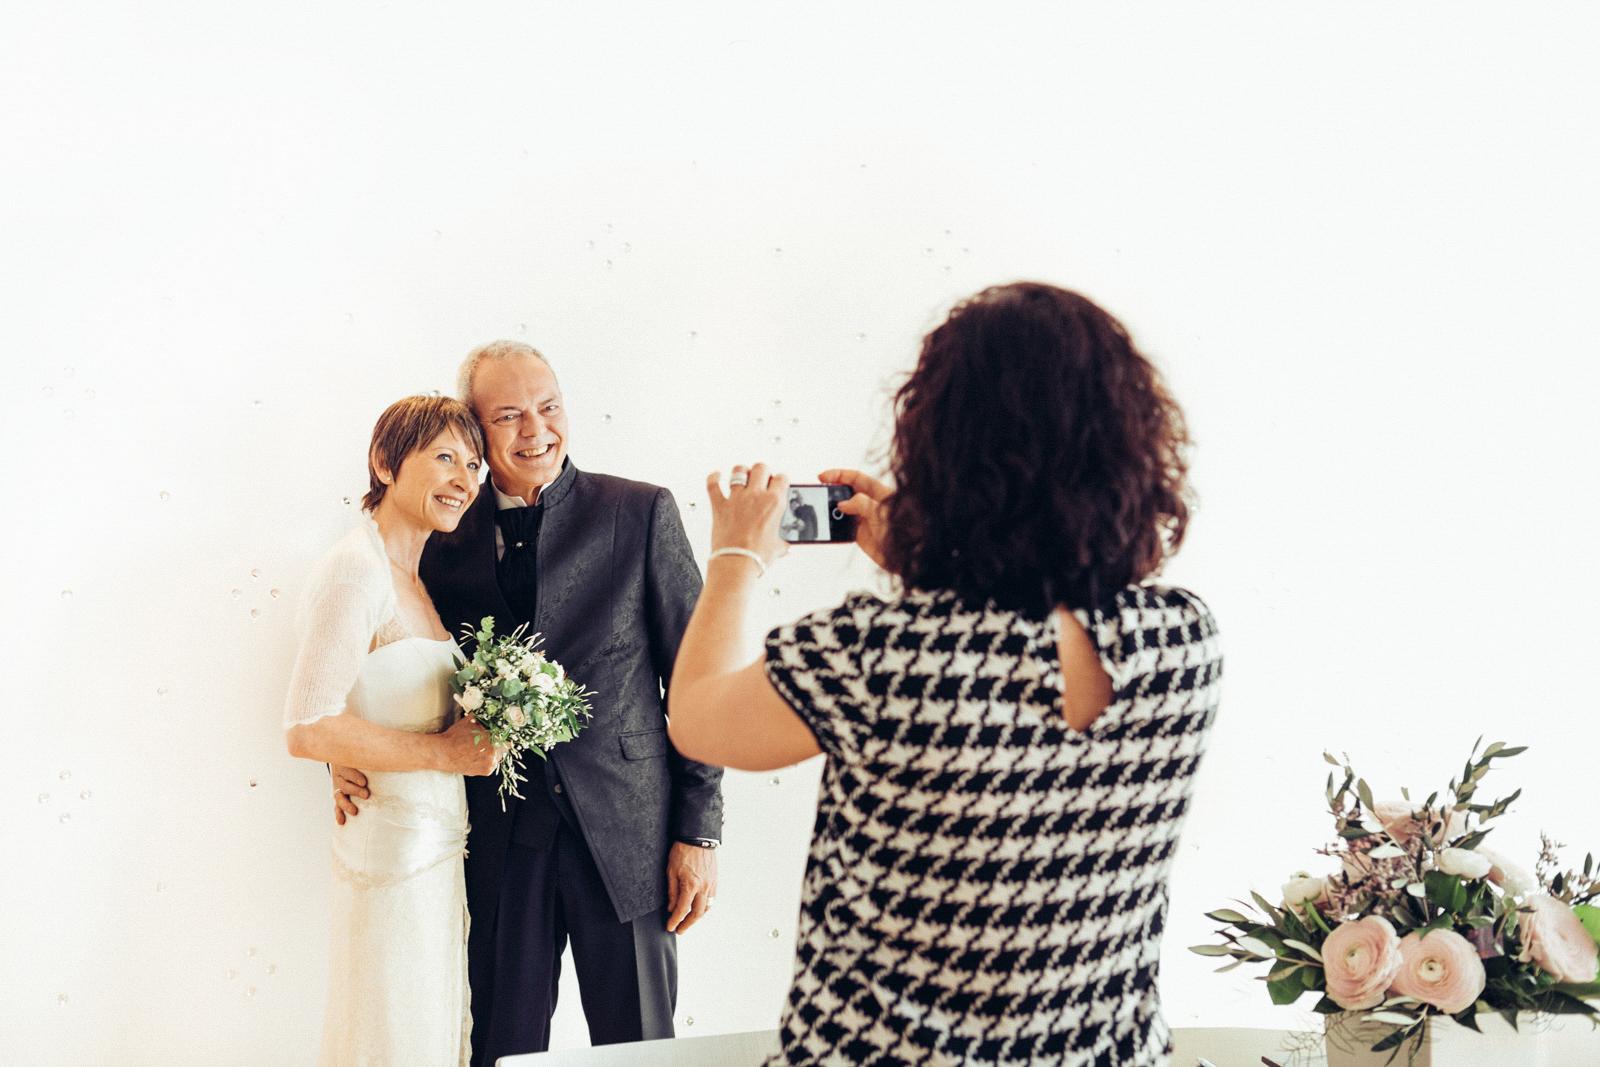 Hochzeitsfotoshooting in Bern